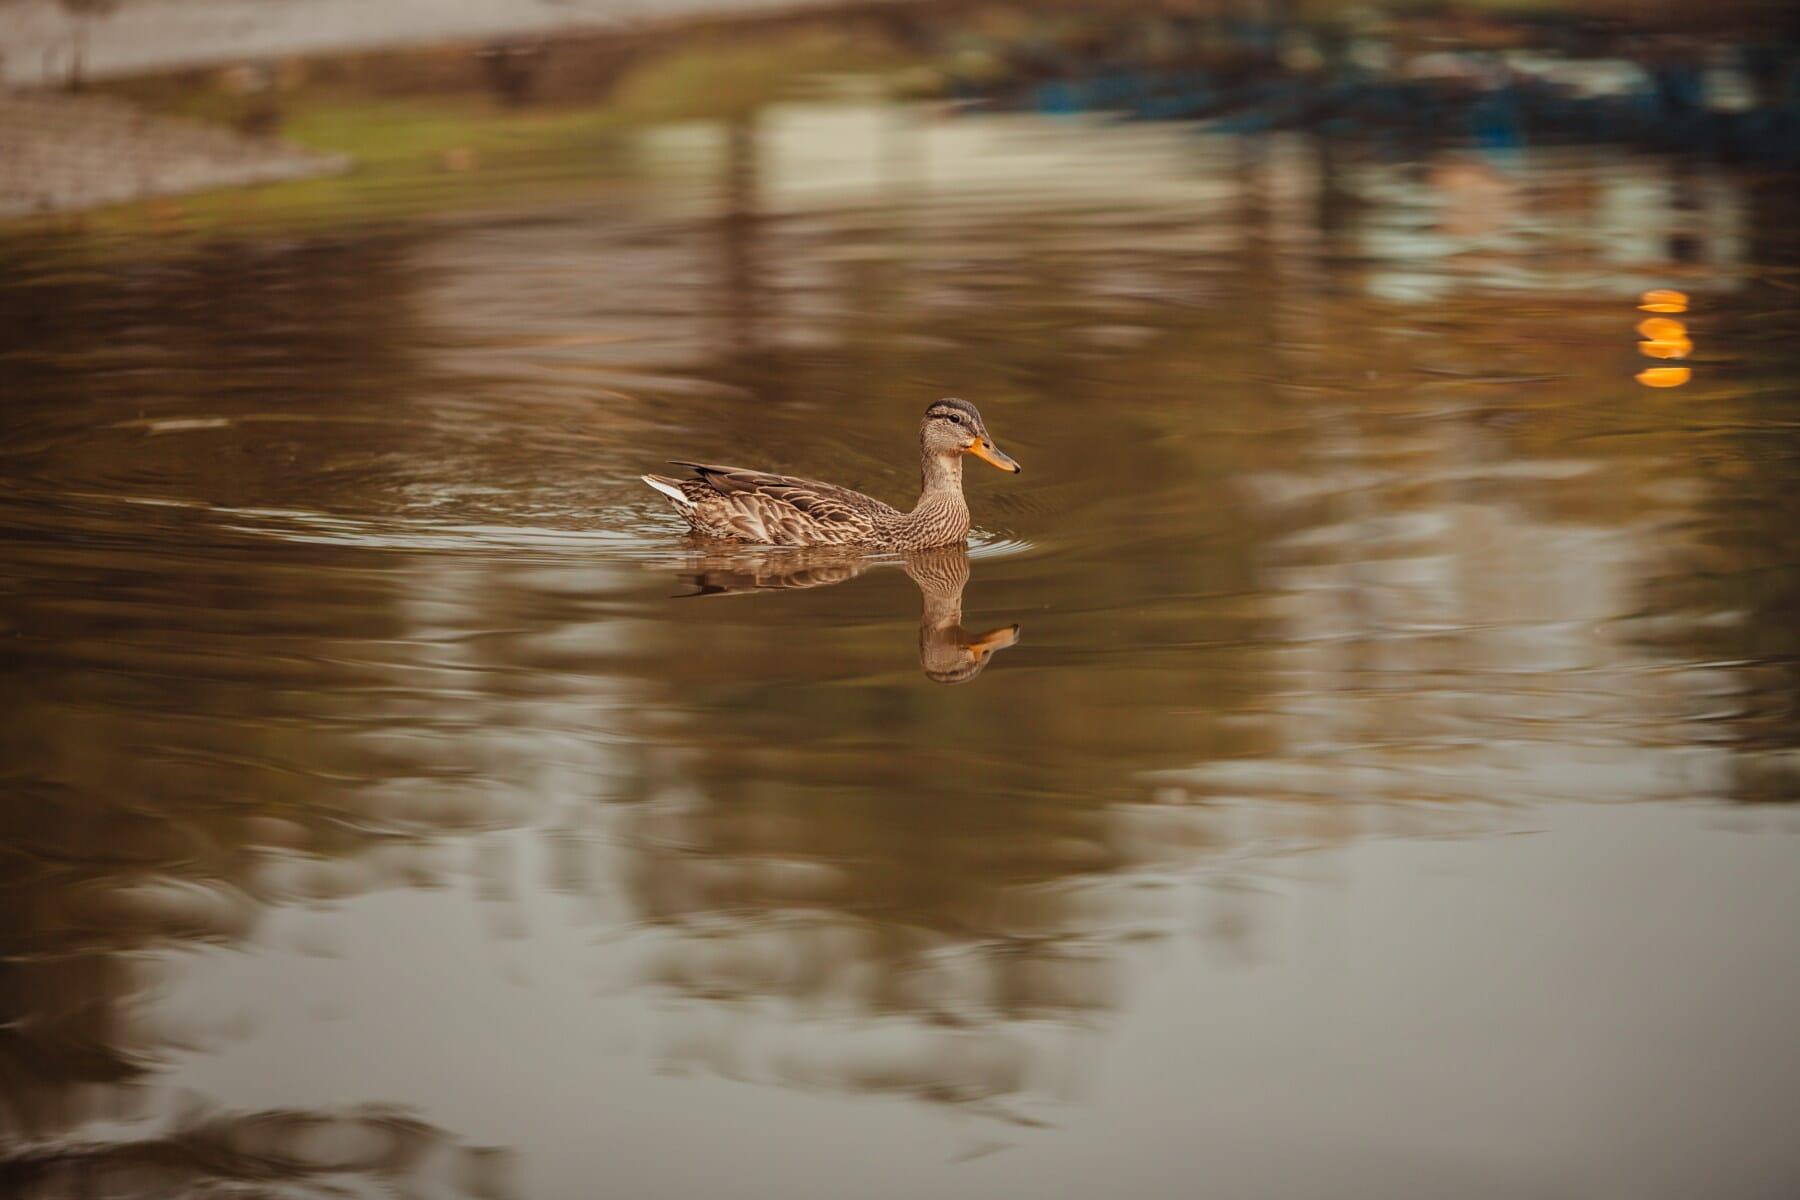 duck, light brown, swimming, wading bird, natural habitat, waterfowl, reflection, bird, water, lake